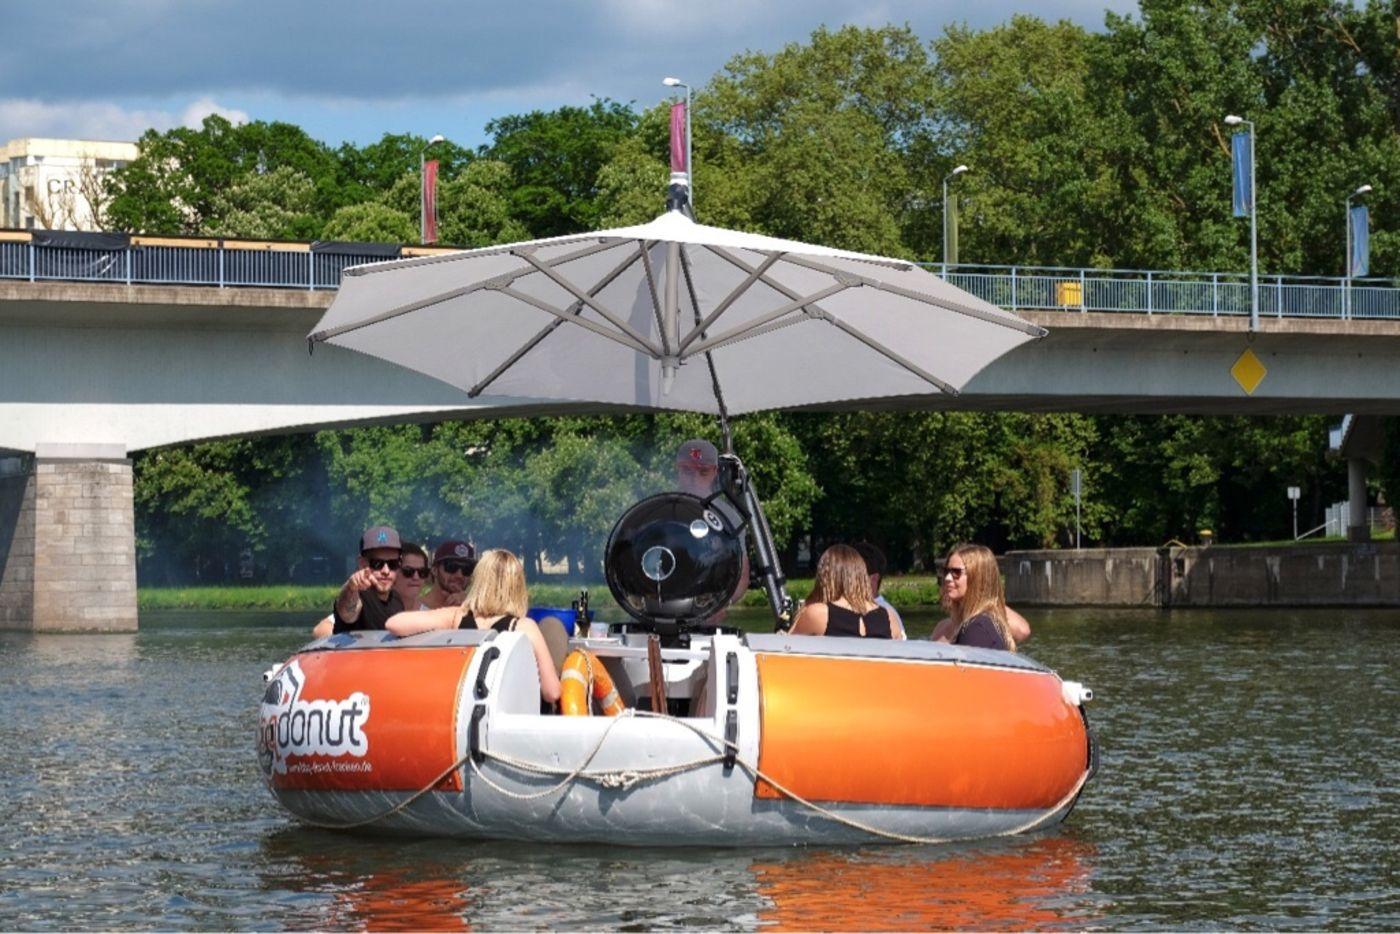 neues barbecue vergn gen in schweinfurt auf dem main schwimmen jetzt grillboote antenne bayern. Black Bedroom Furniture Sets. Home Design Ideas